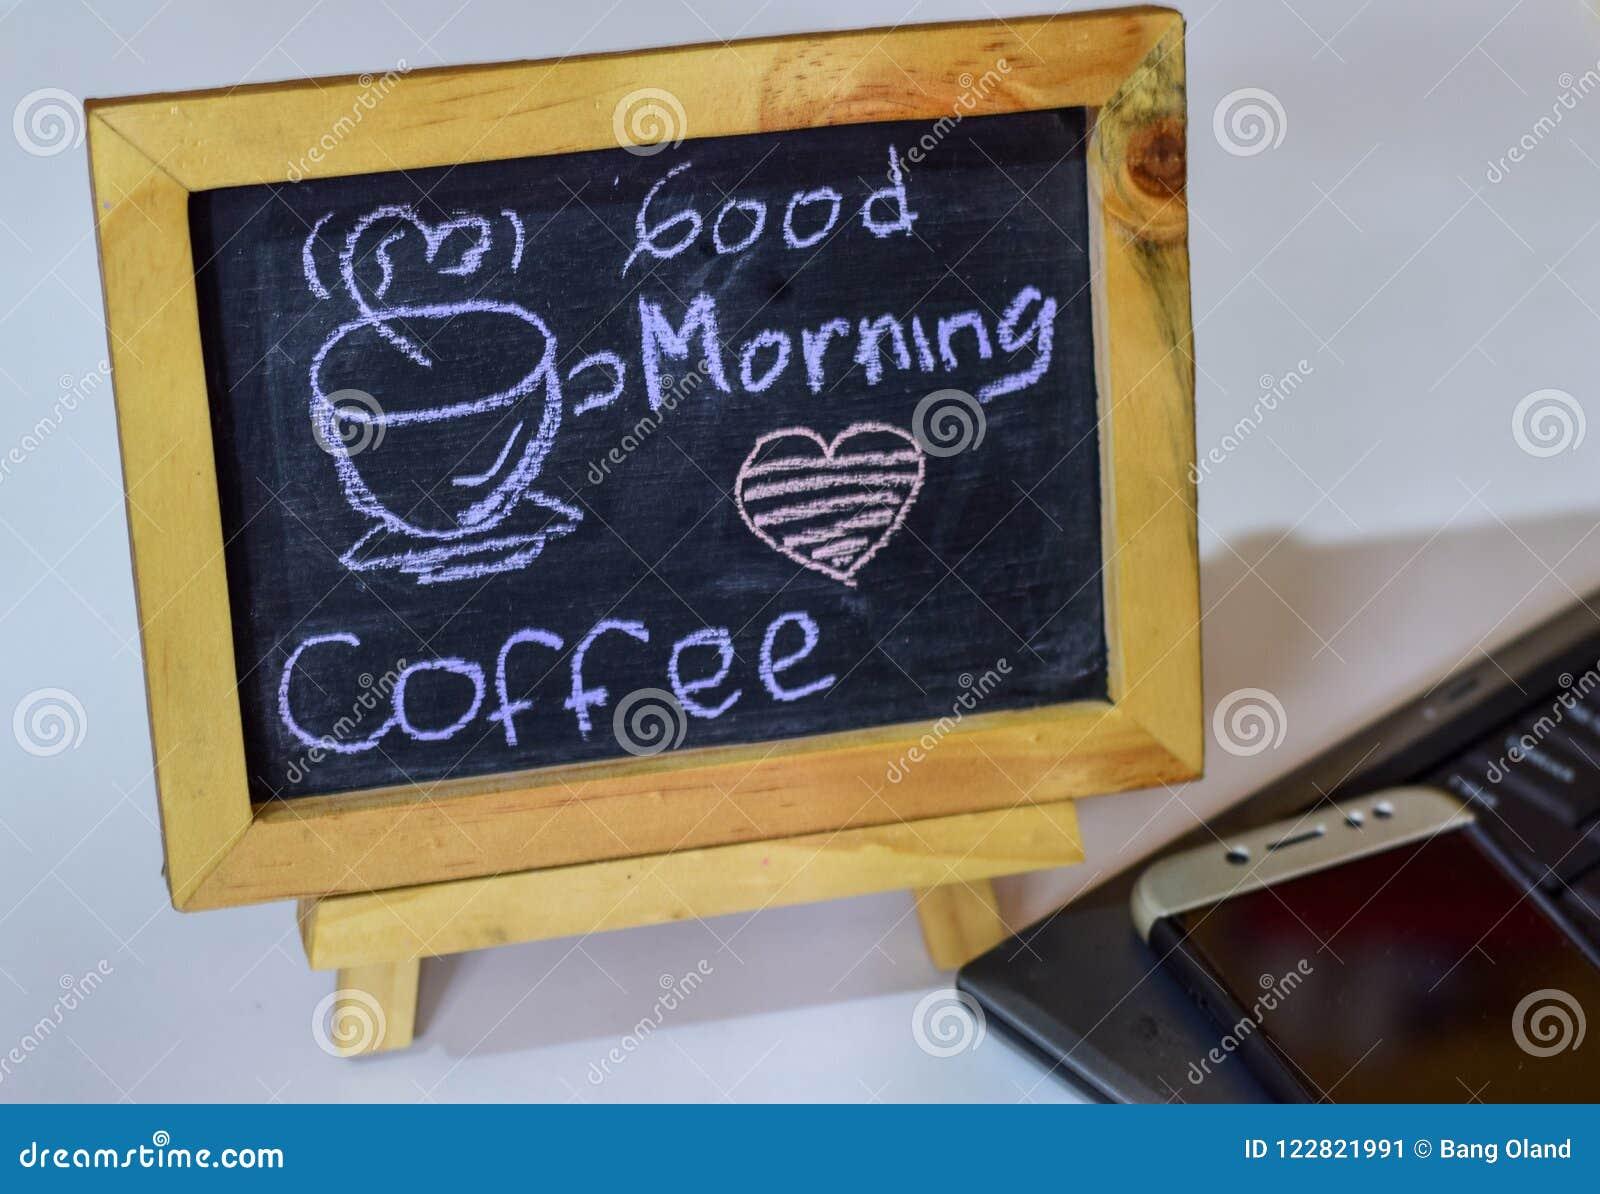 Formulera kaffe för den bra morgonen som är skriftligt på en svart tavla på den och smartphonen, bärbar dator